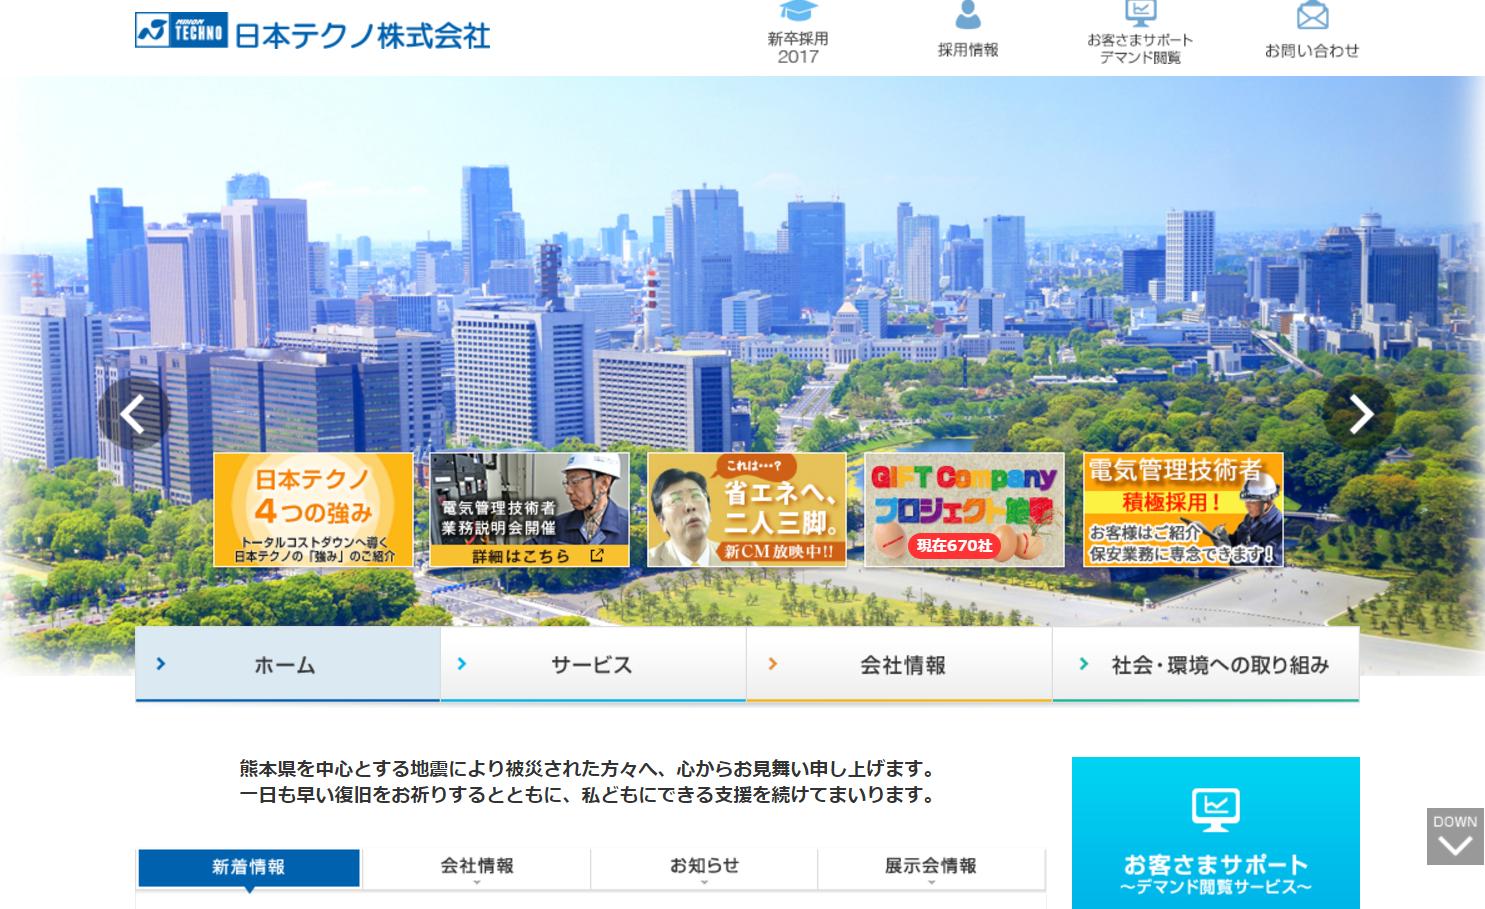 常識テストの形式で環境問題をアピール 「Eco News Web Magazine」